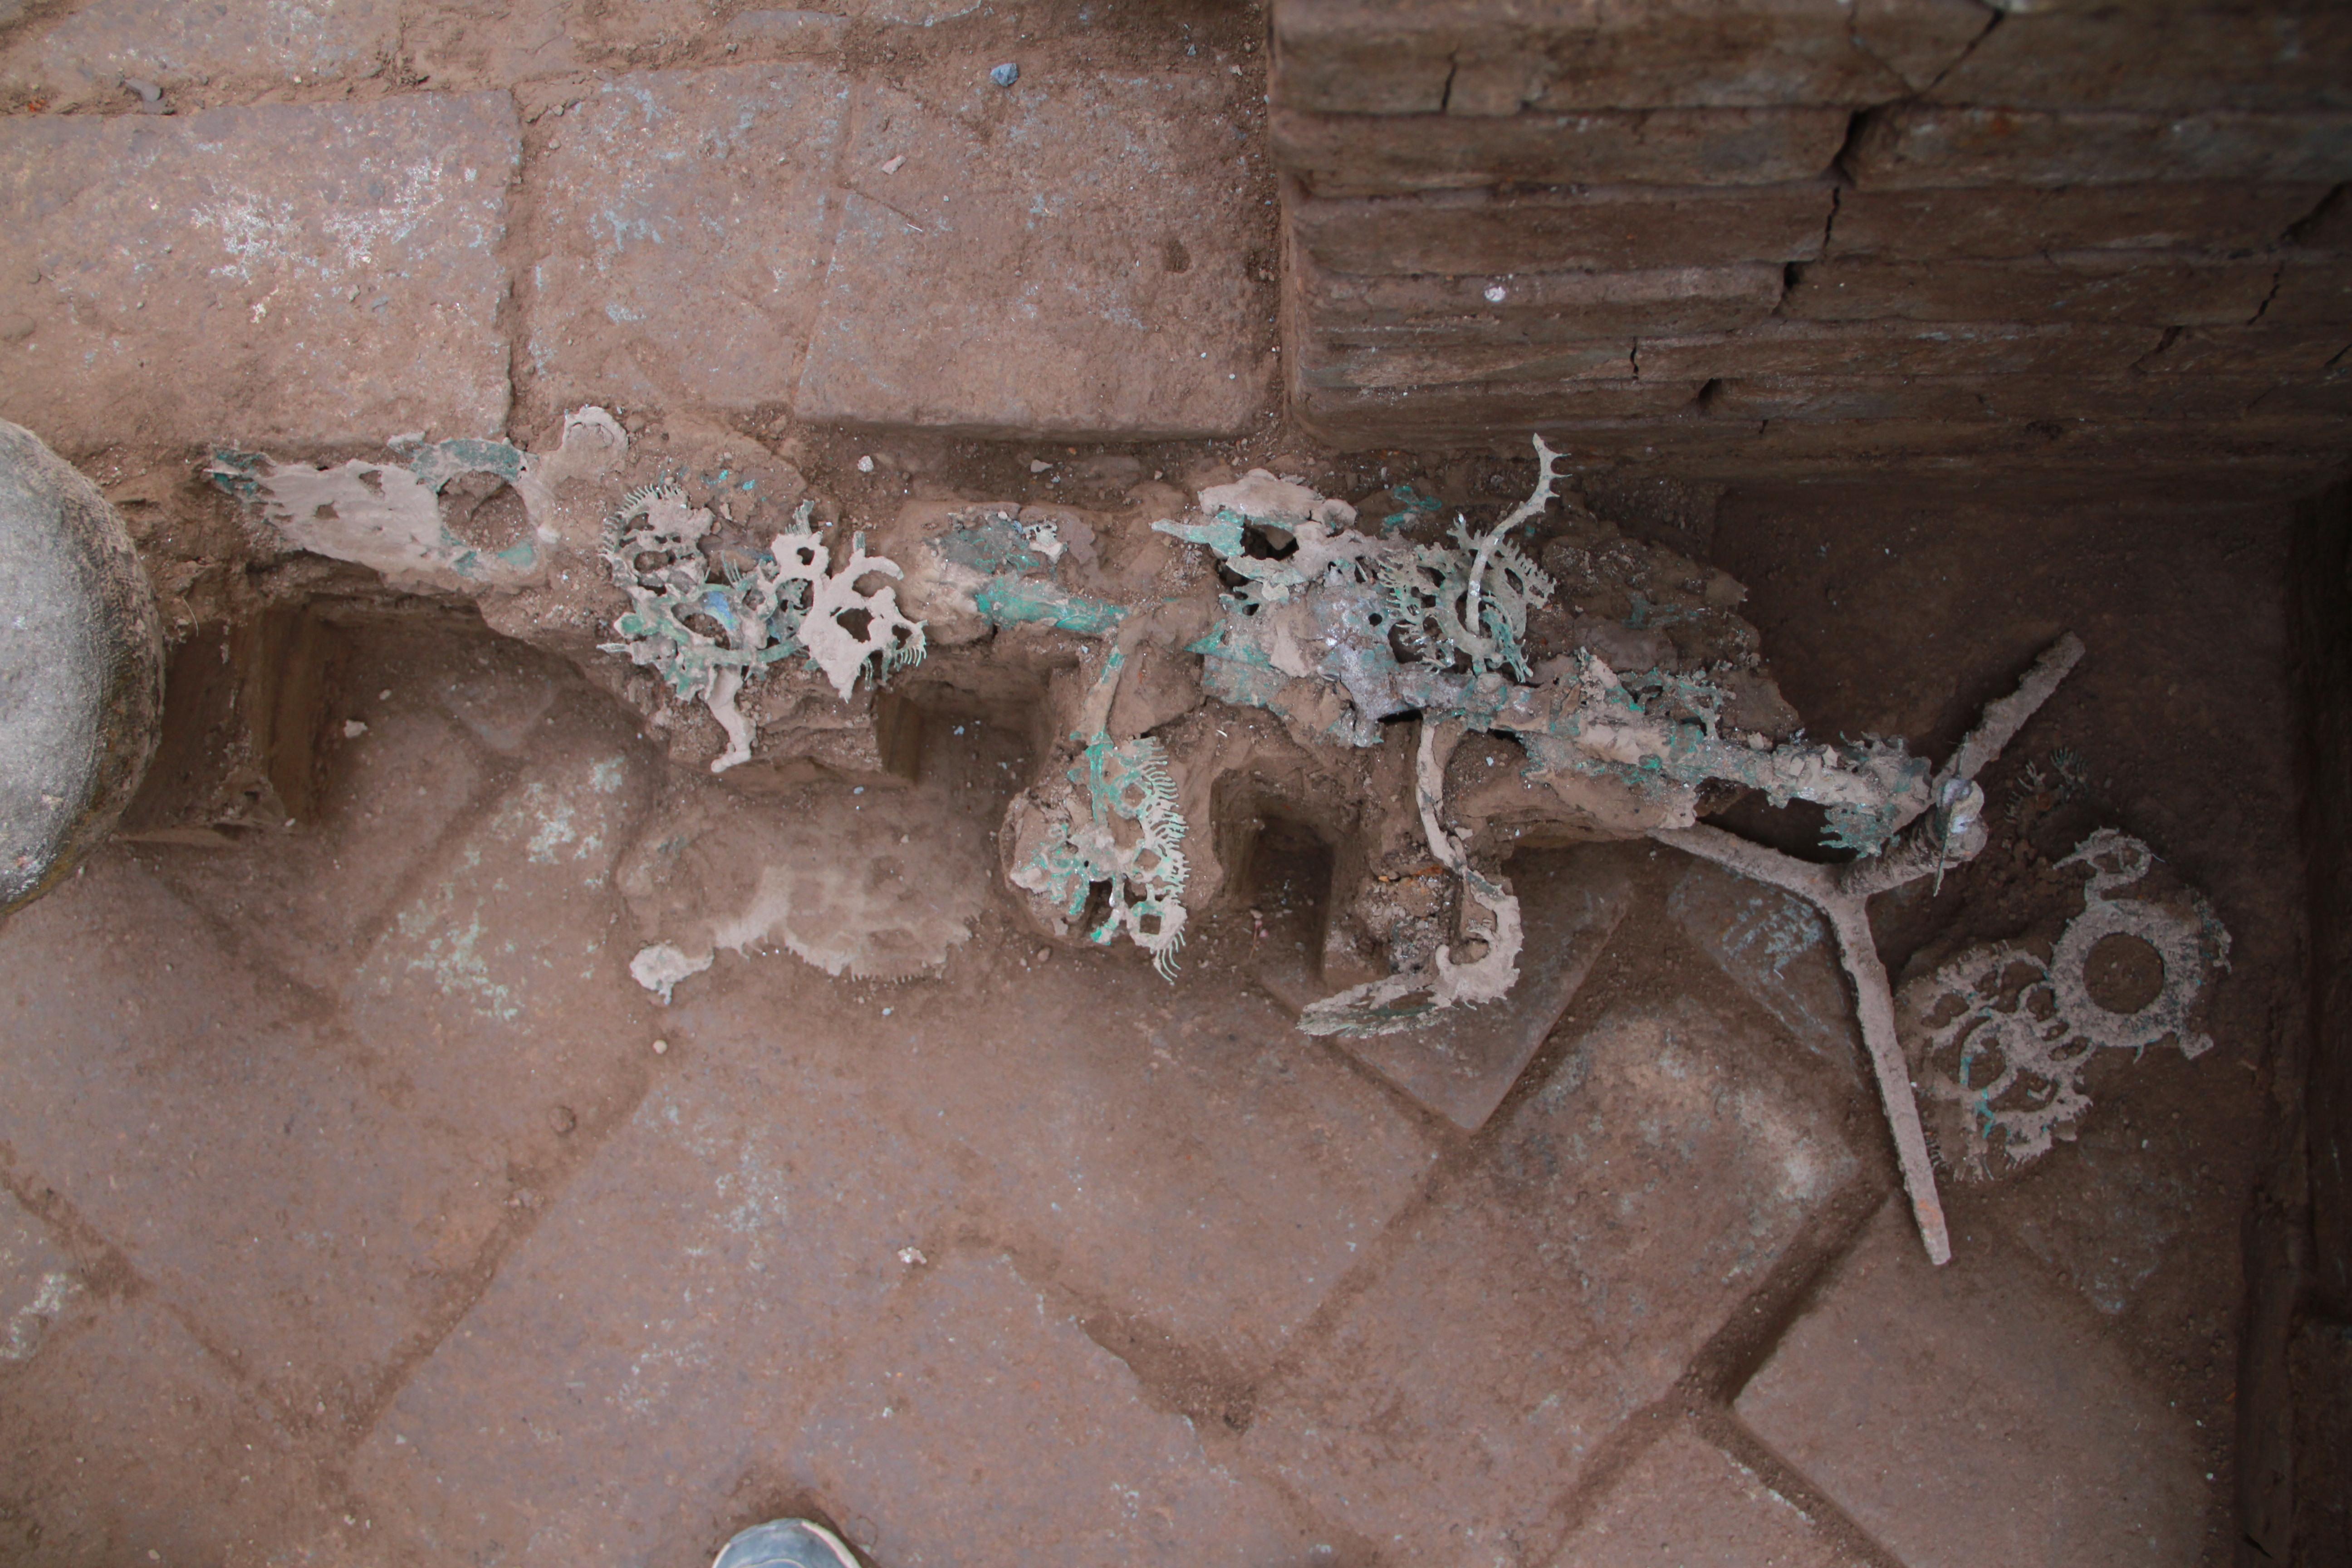 两千年前的摇钱树长啥样?陕西一东汉青铜摇钱树被成功修复